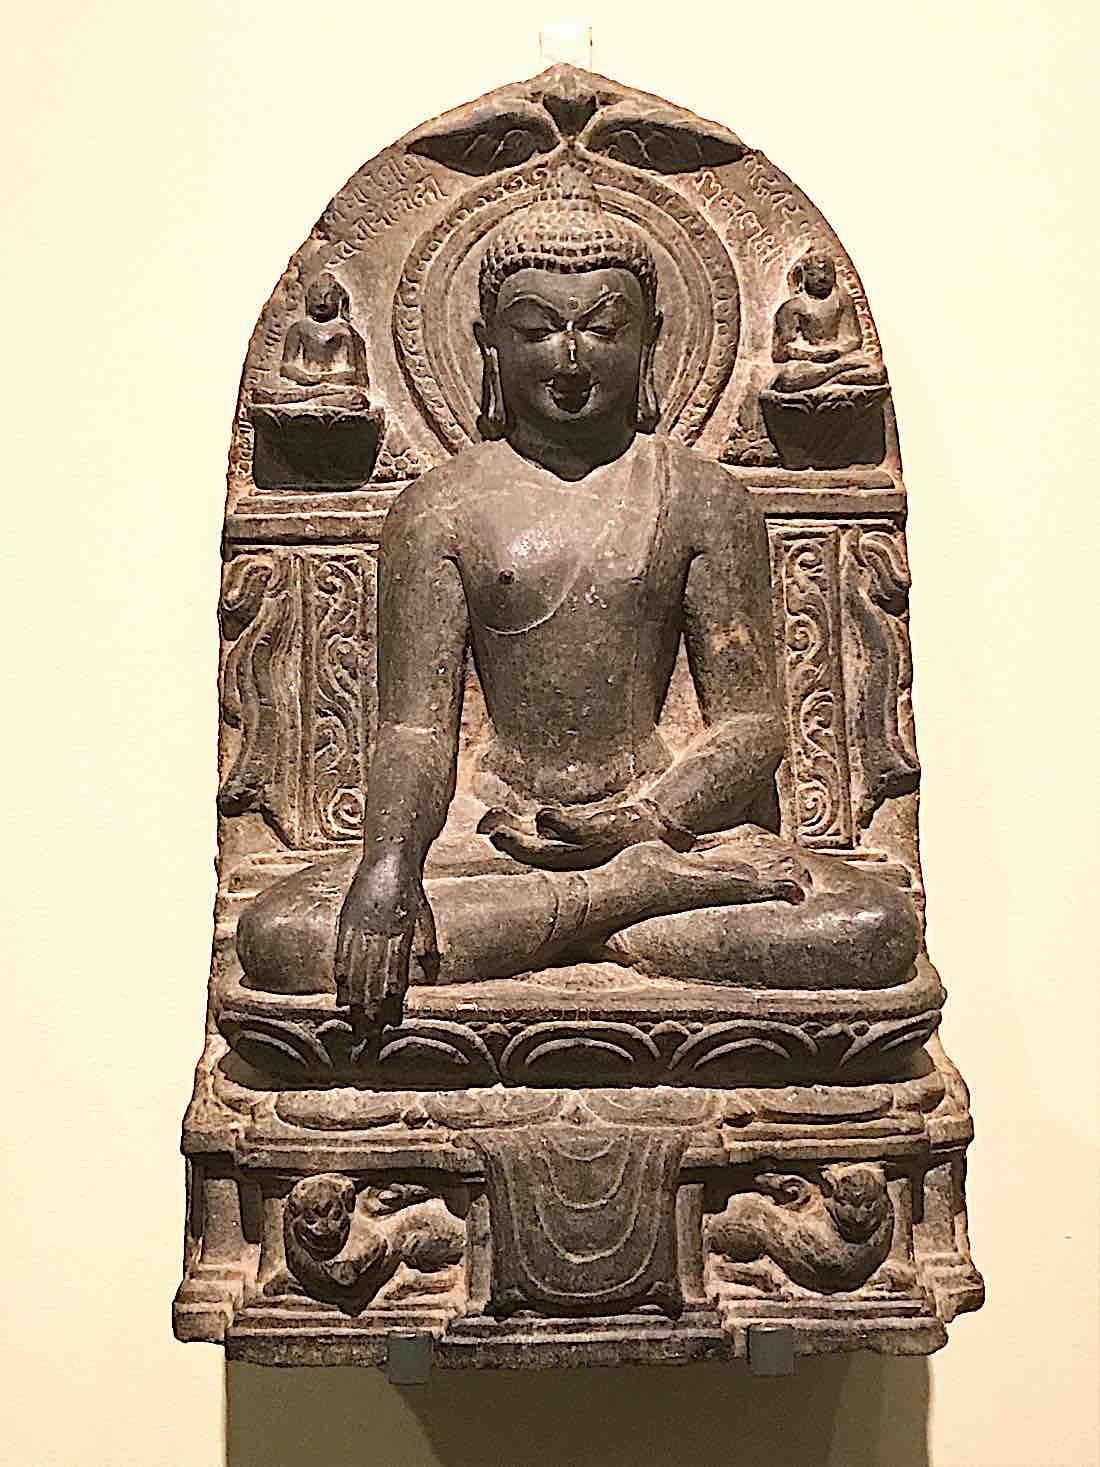 Buddha Weekly Buddha Earth Witness Touching Mudra Buddhism